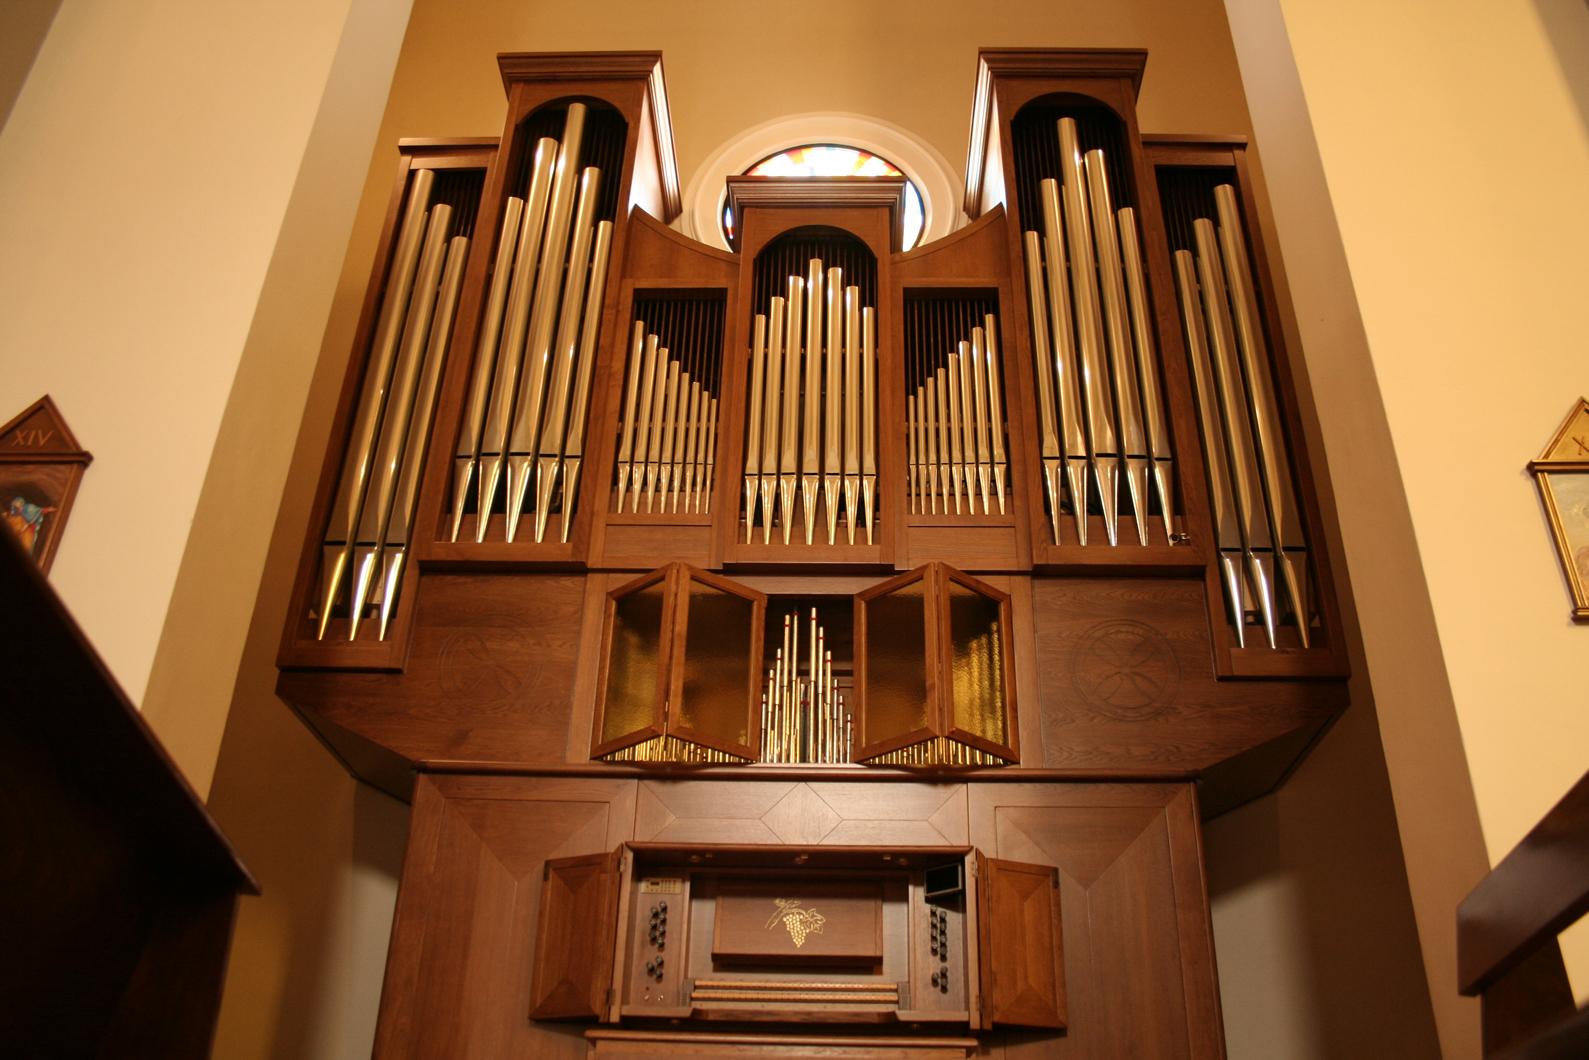 Organ builders from 1957